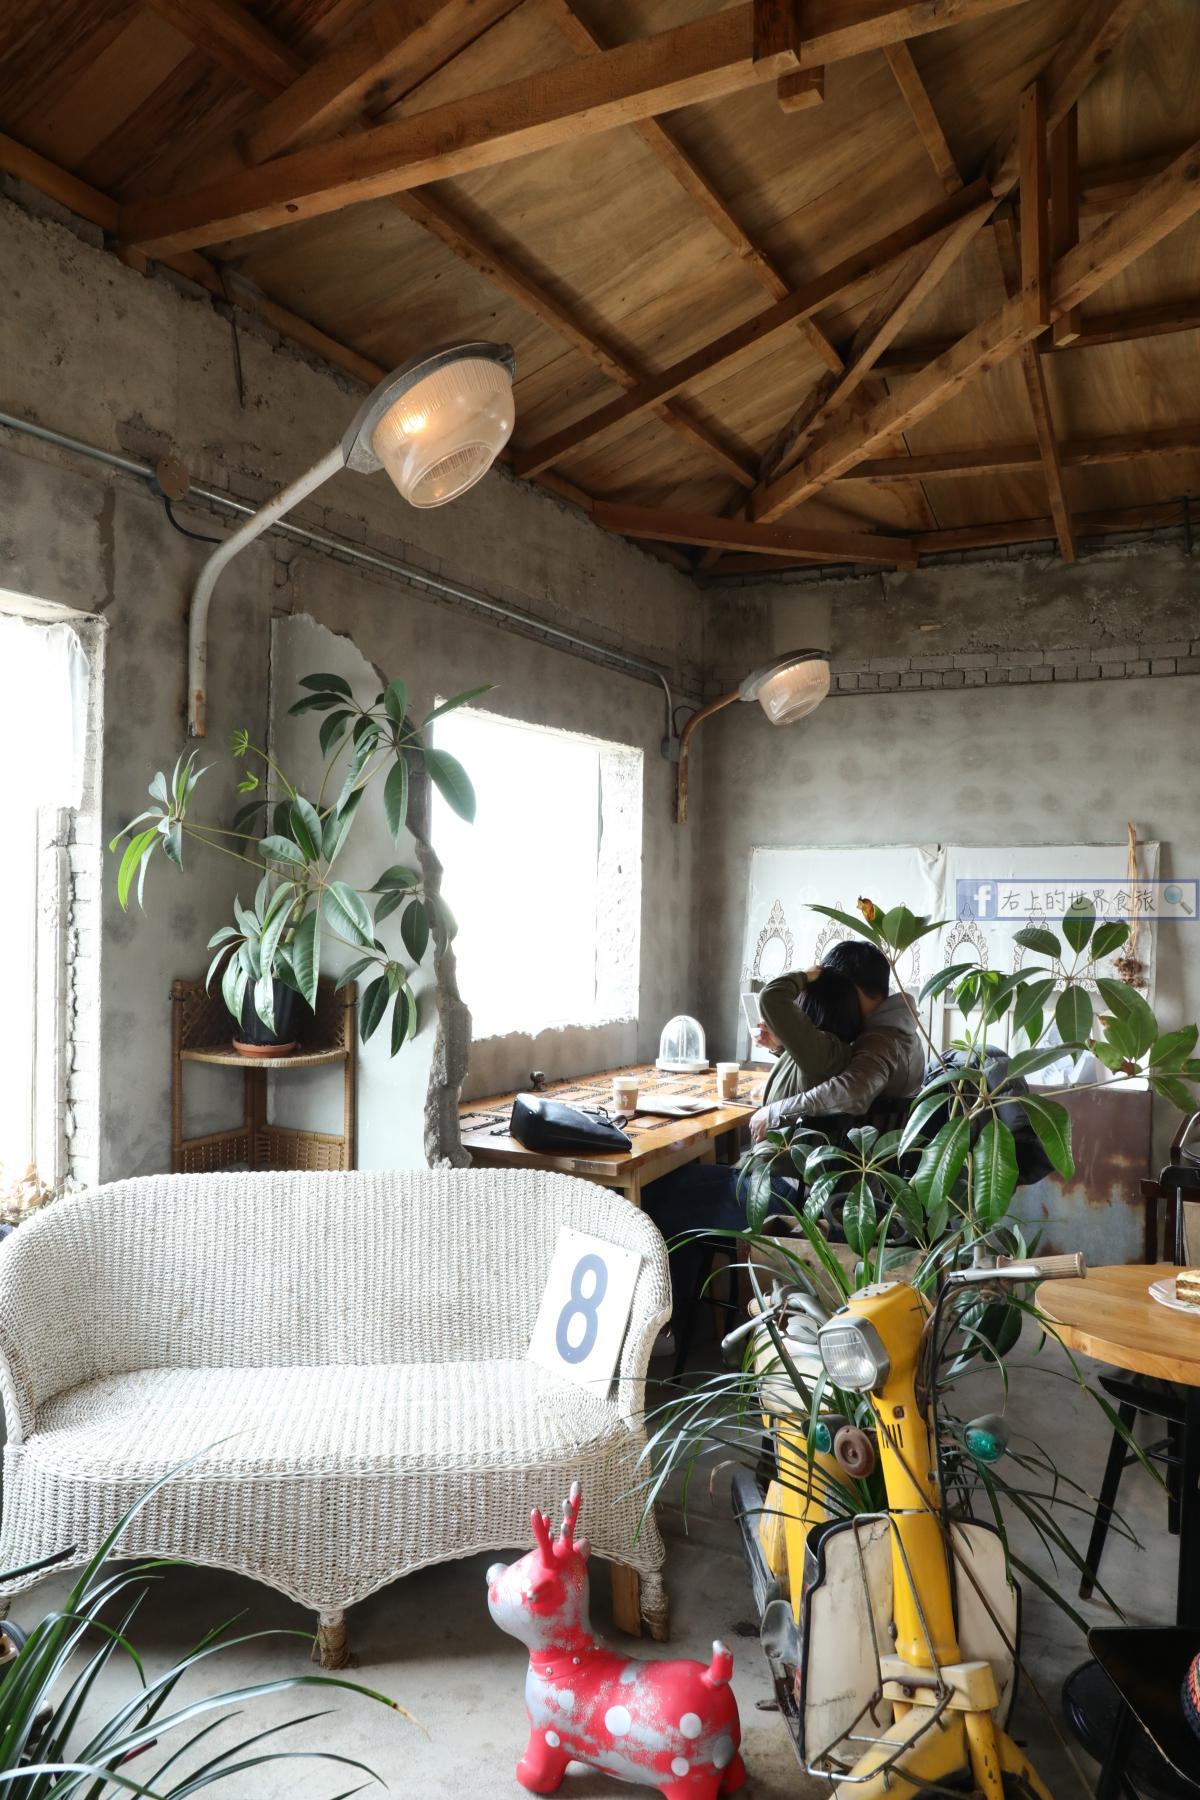 濟州島旅遊-必去的兩間文青海景、老屋咖啡廳:咖啡漢拿山、玉樹咖啡廳 @愛旅行 - 右上的世界食旅